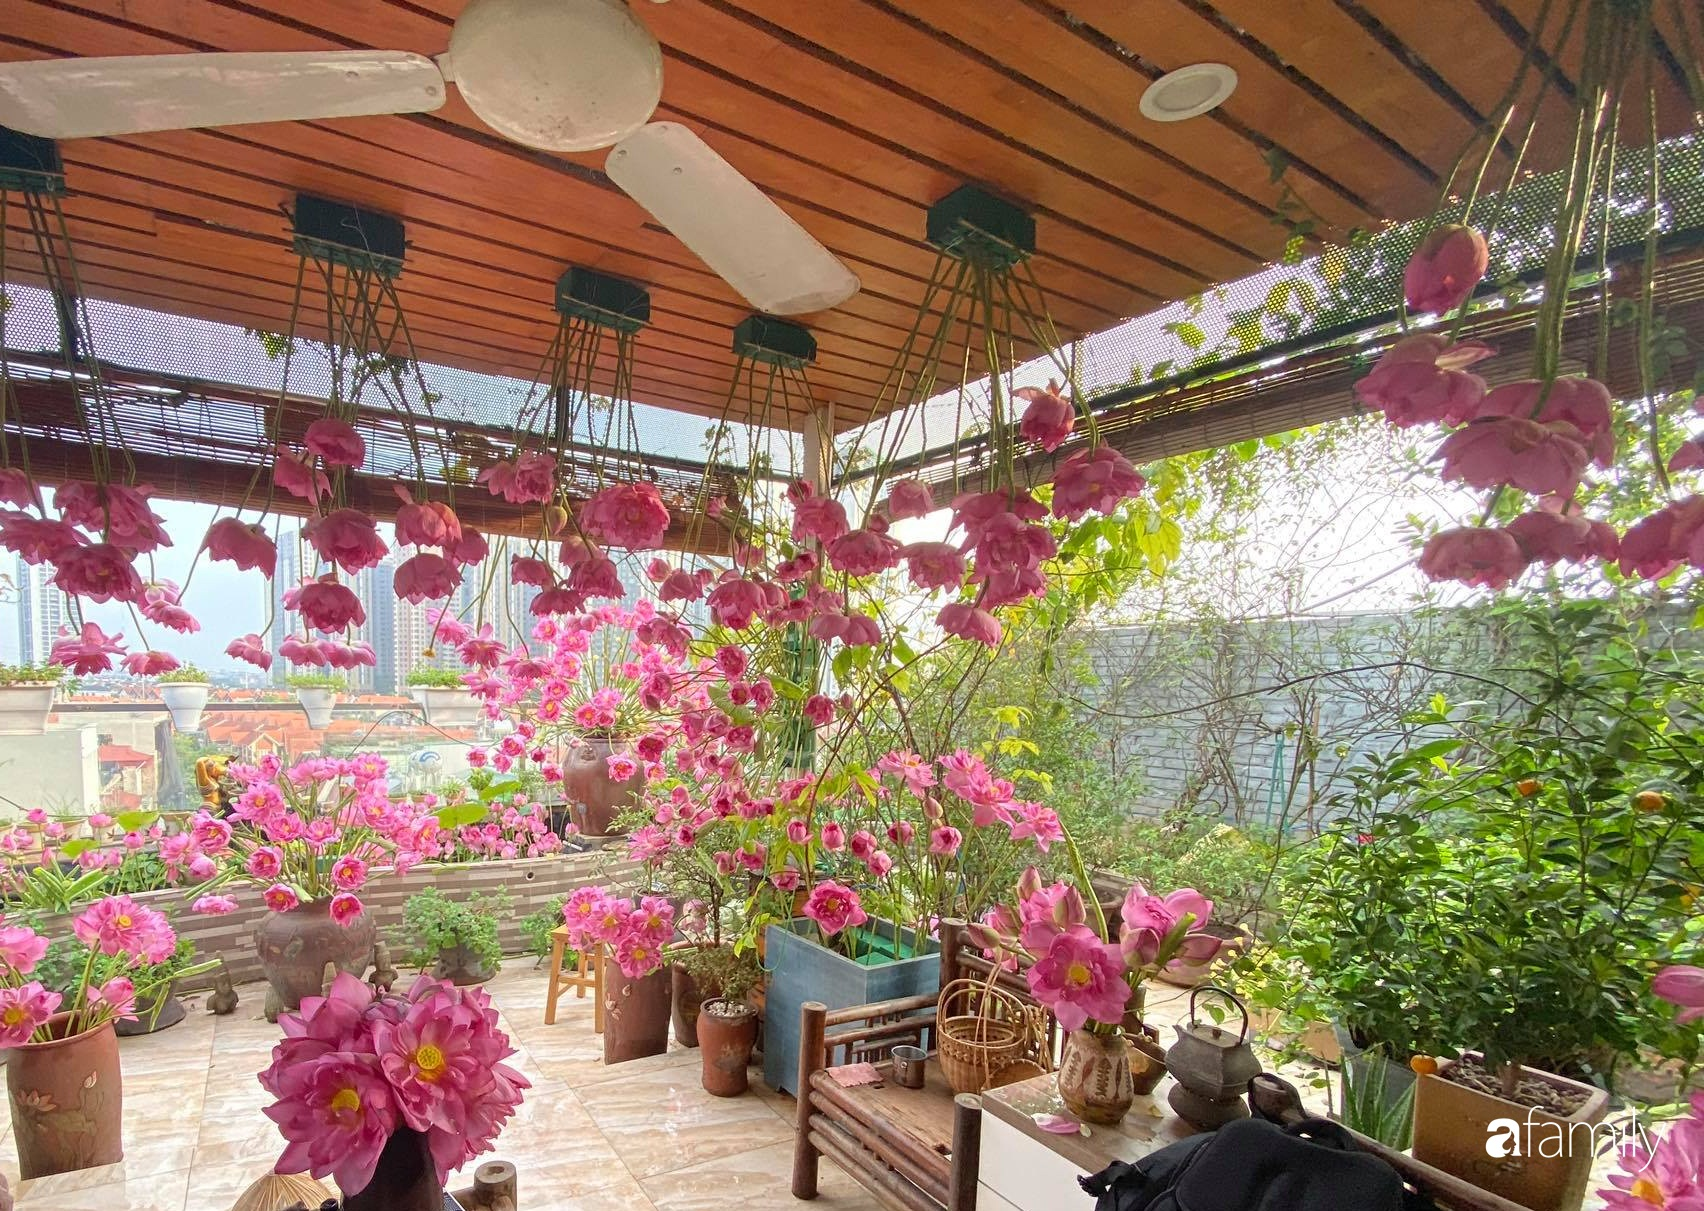 Bà mẹ Hà Nội tỉ mẩn dành 4 tiếng để tự cắm 1000 bông sen mang sắc màu mùa hạ lên sân thượng 200m² - Ảnh 3.